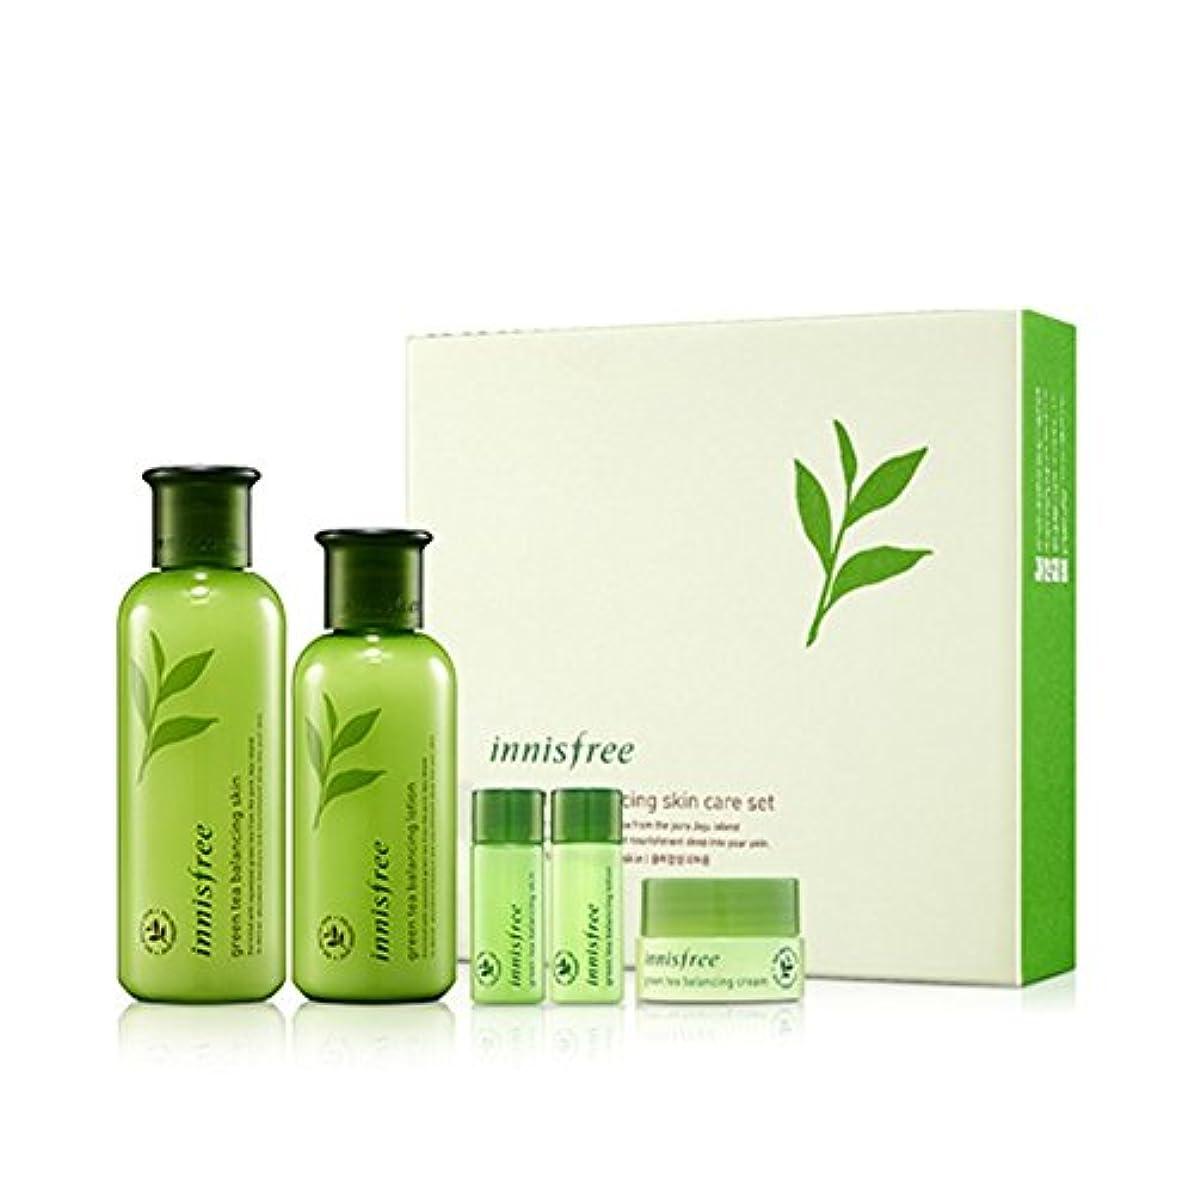 デンマークと側面[イニスフリー] Innisfree [グリーンティーバランシングスペシャルスキンケアセット] Green Tea Balancing Special Skin Care Set [海外直送品]